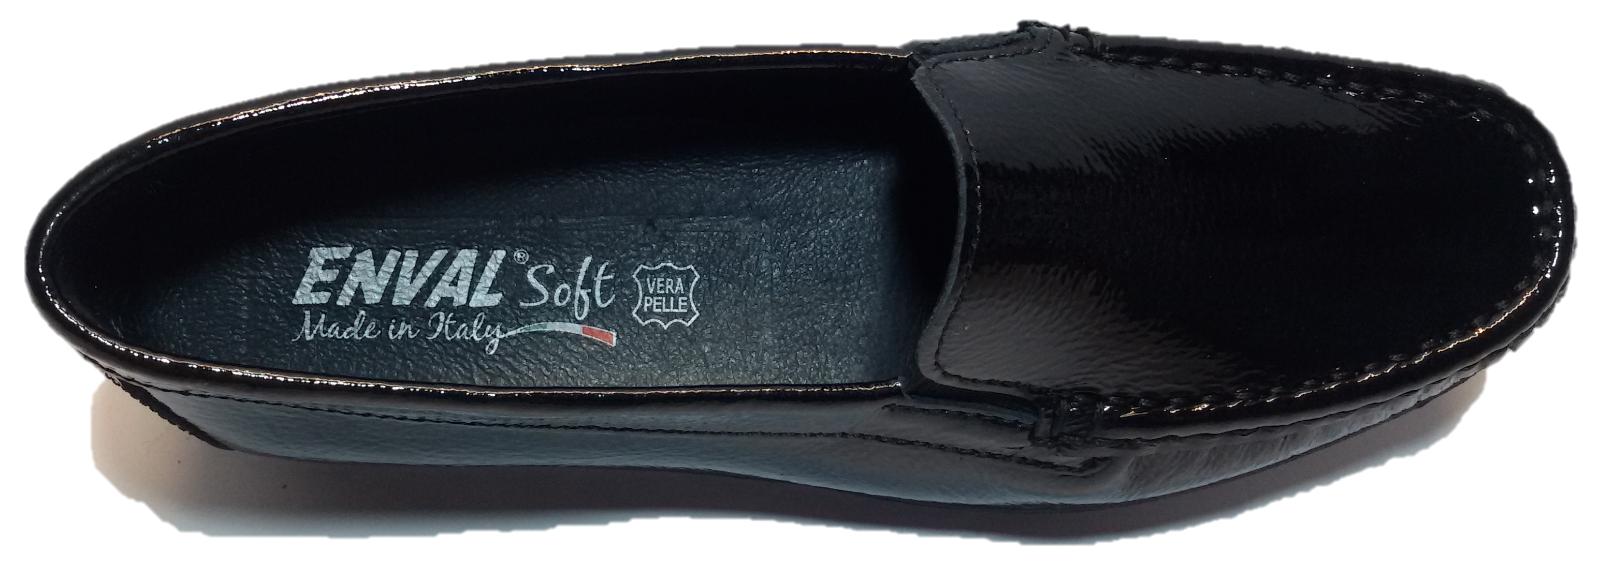 ENVAL SOFT Schuhe Damens MOCASSINI IN VERNICE NERO - - NERO 89505 c31f21